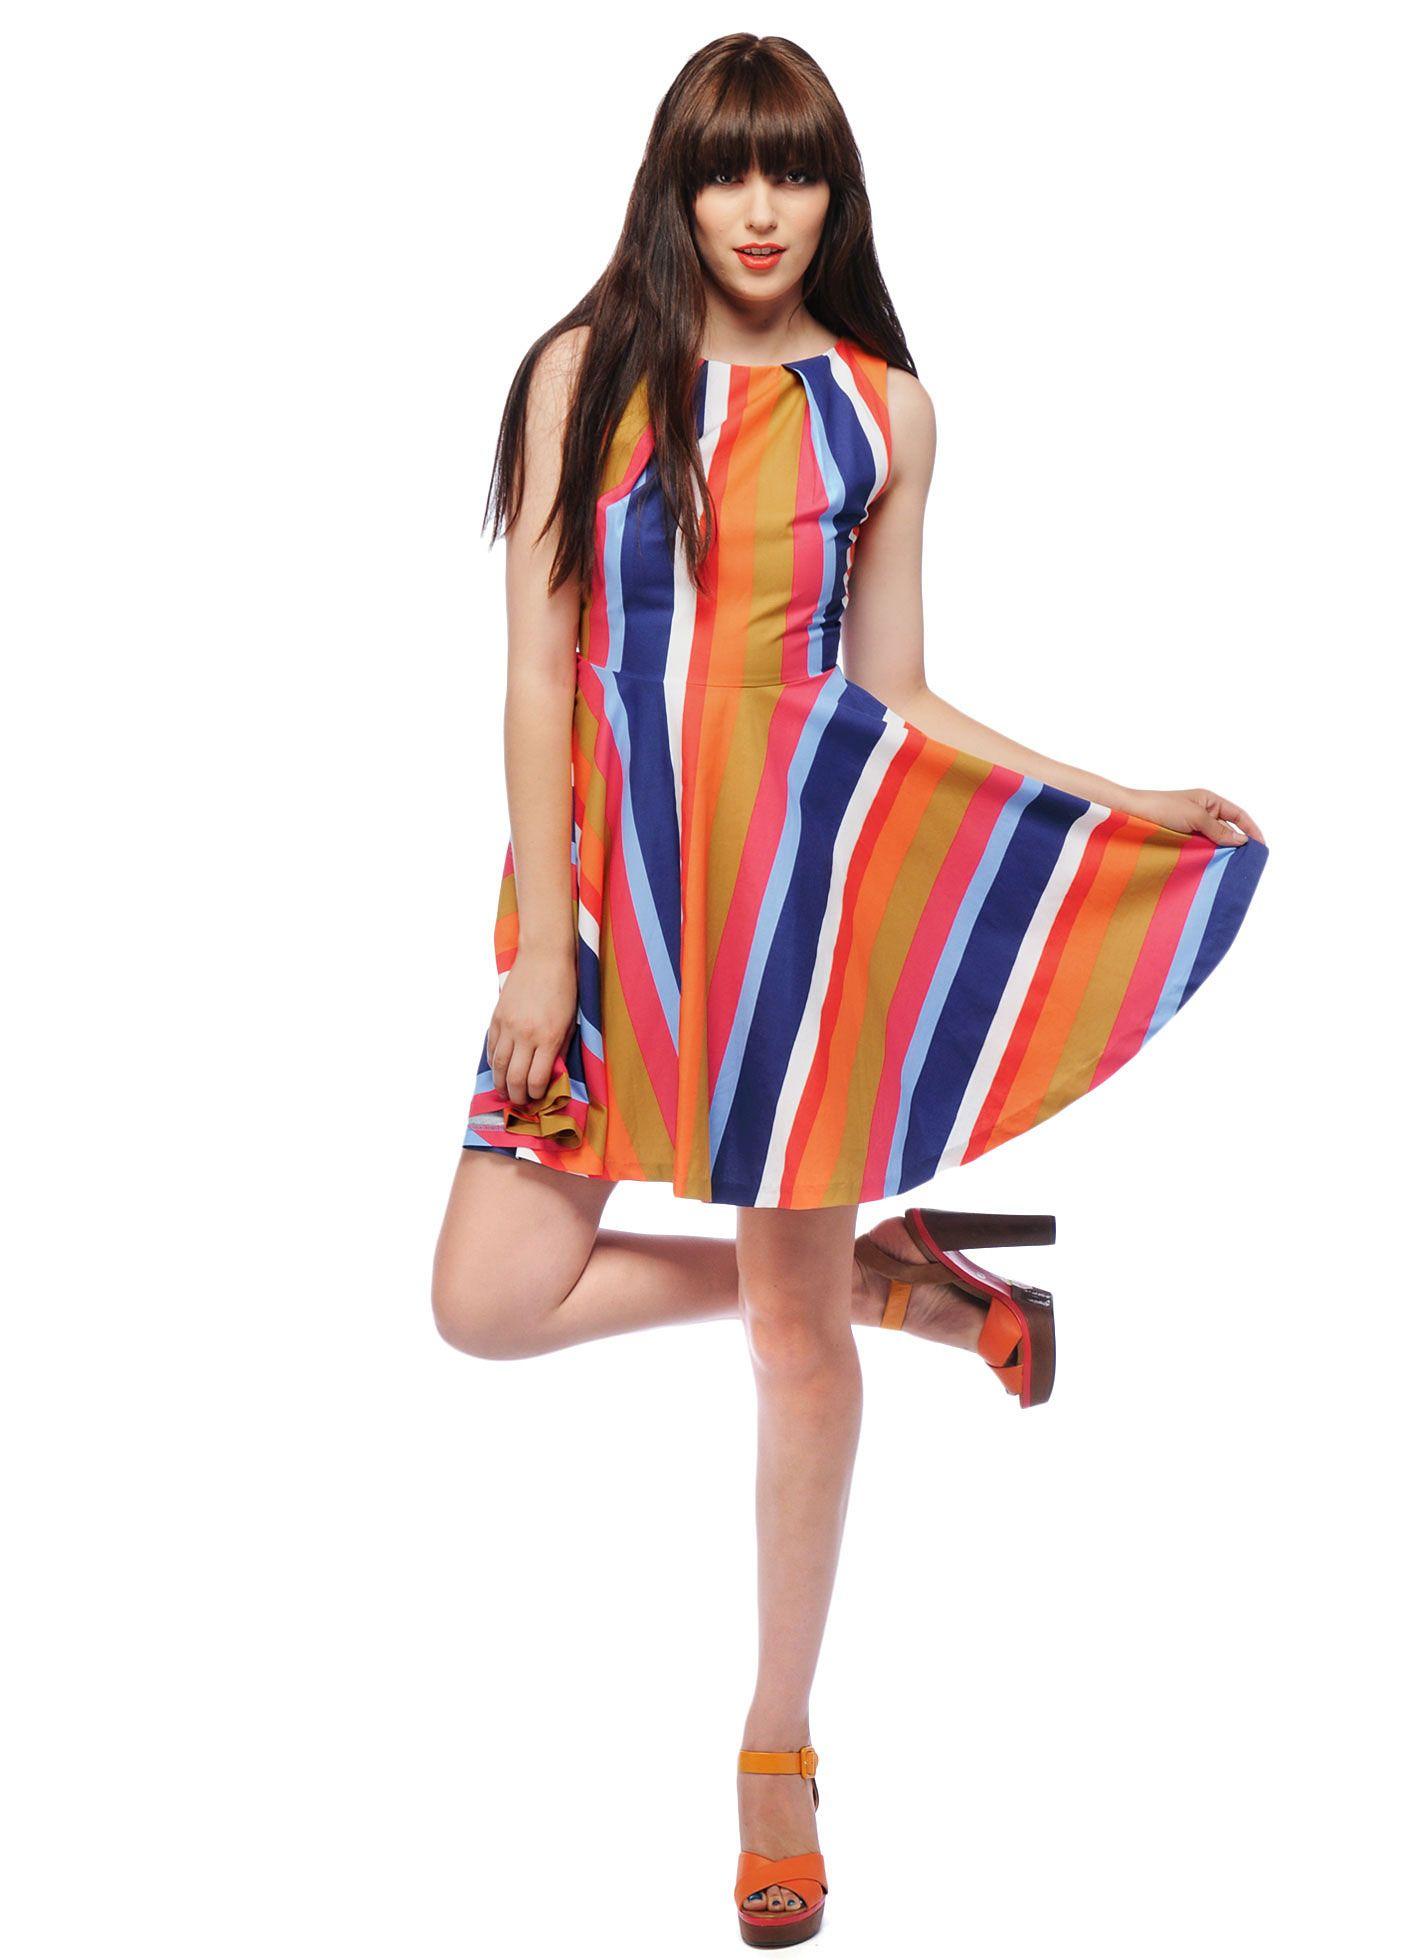 Vintage Inspired: Lilly Dress, #BBDakota 100% cotton